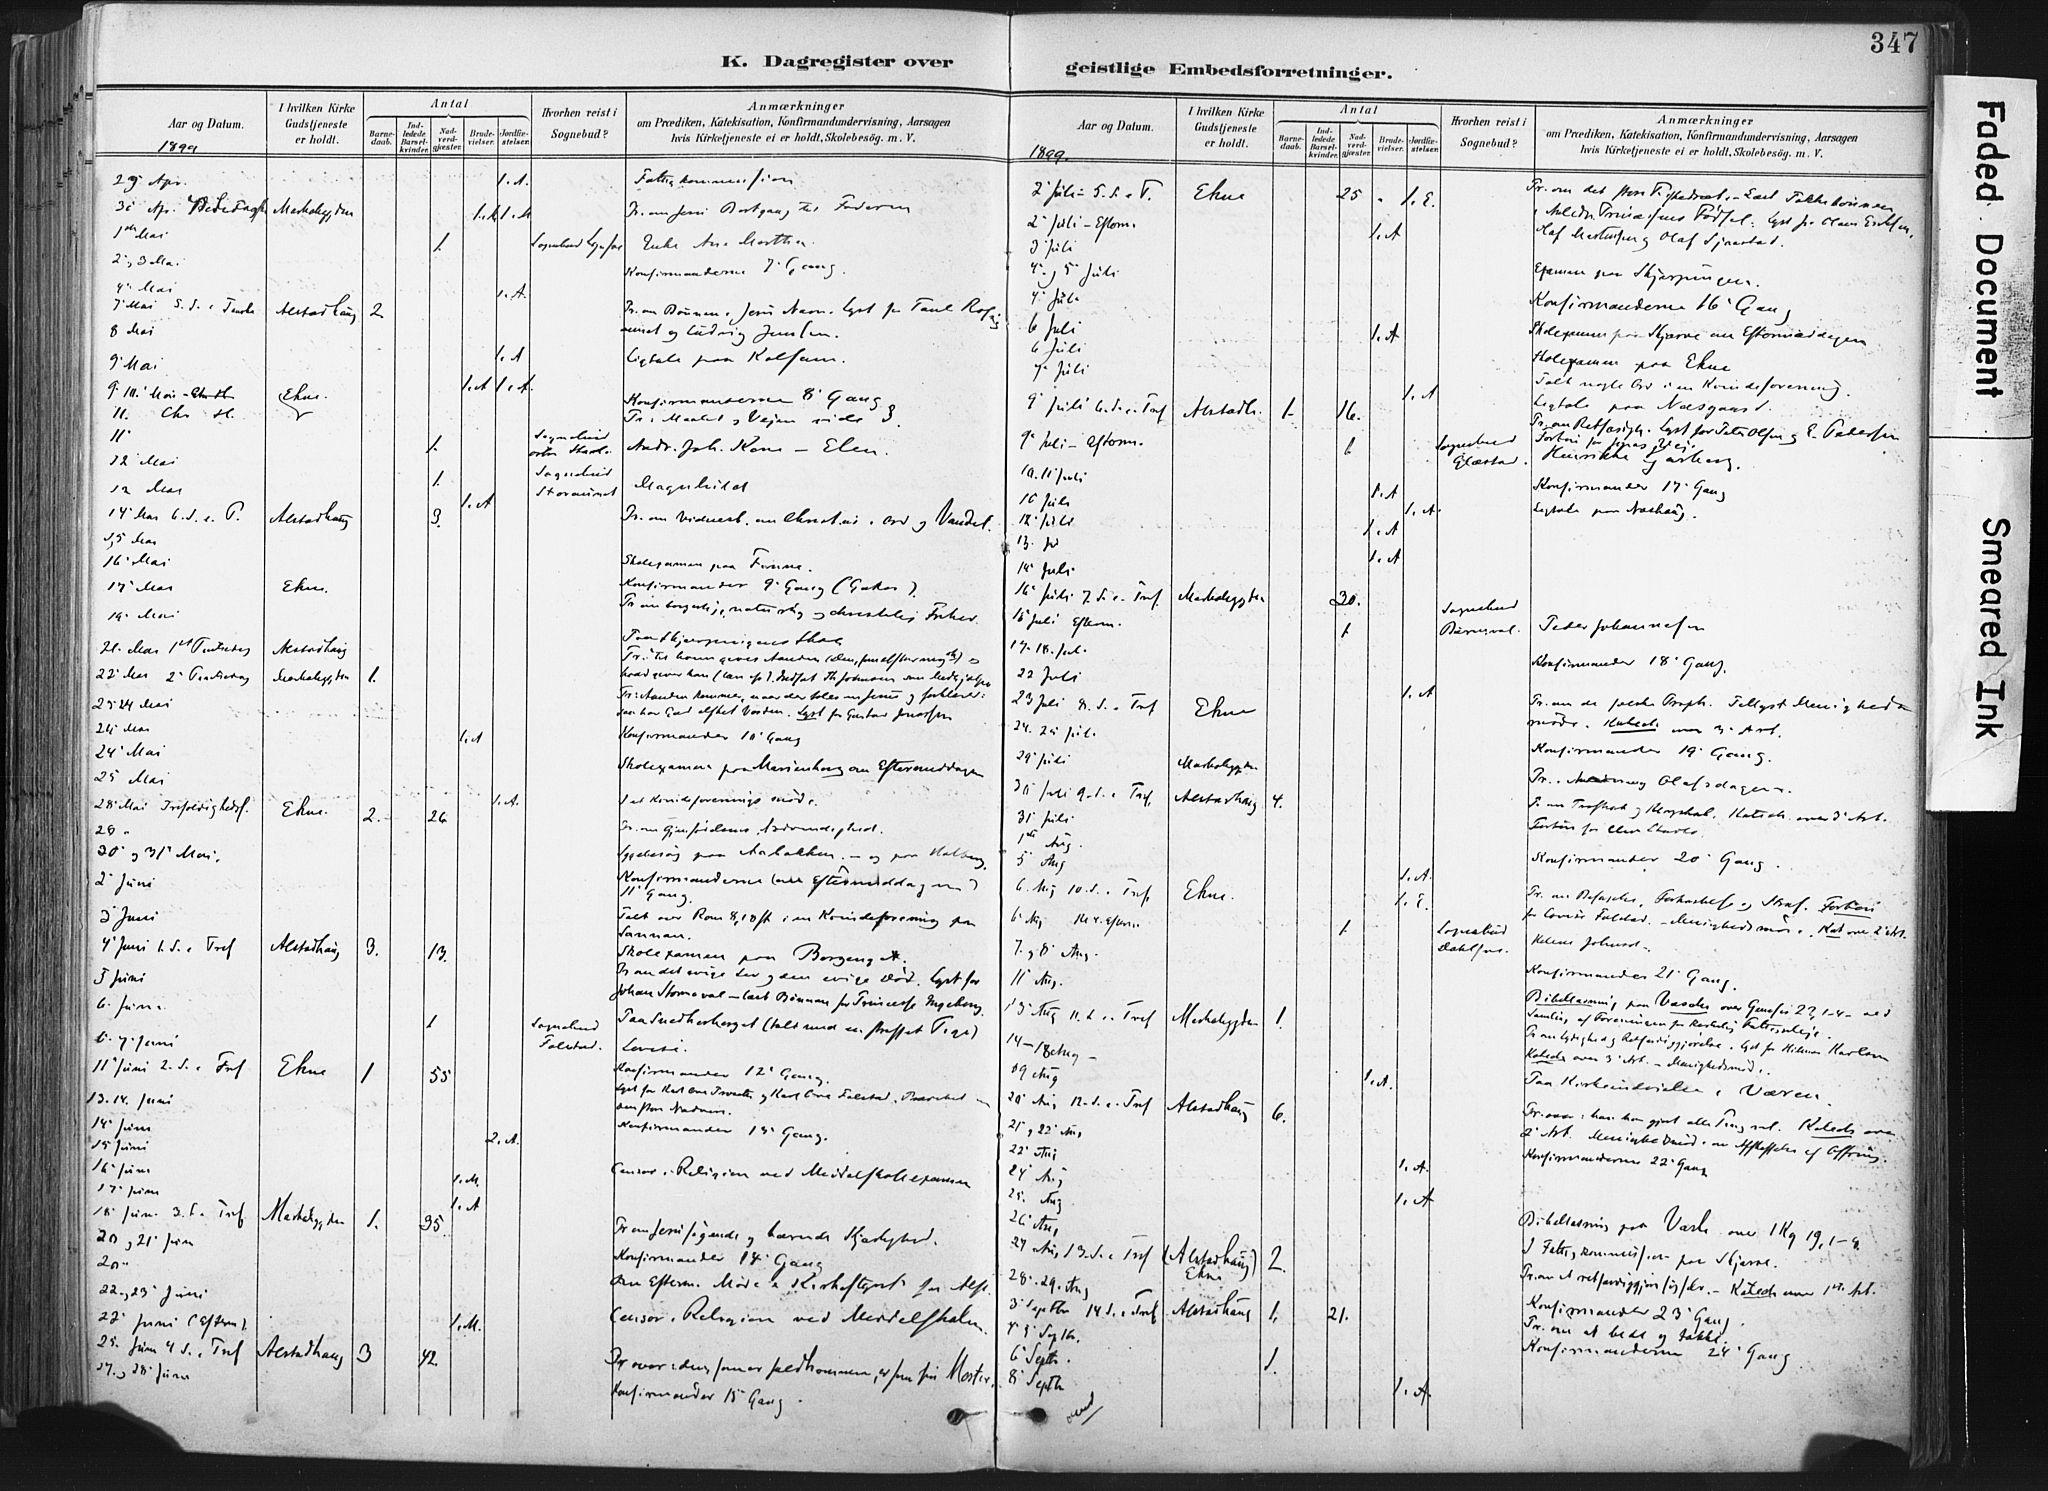 SAT, Ministerialprotokoller, klokkerbøker og fødselsregistre - Nord-Trøndelag, 717/L0162: Ministerialbok nr. 717A12, 1898-1923, s. 347